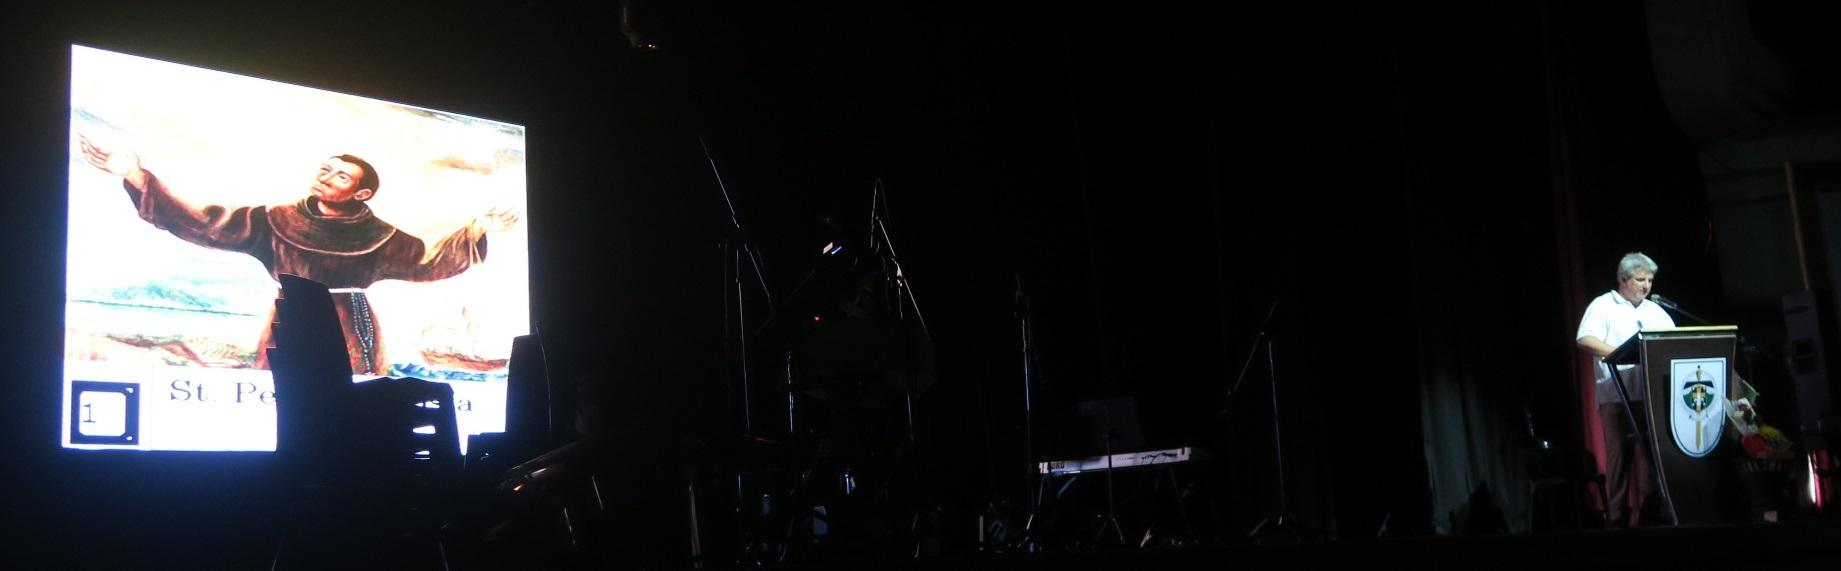 日比友好月間イベント: 天草「コレジヨの仲間」古楽器演奏会 セントルイス大学で開演_a0109542_18585374.jpg